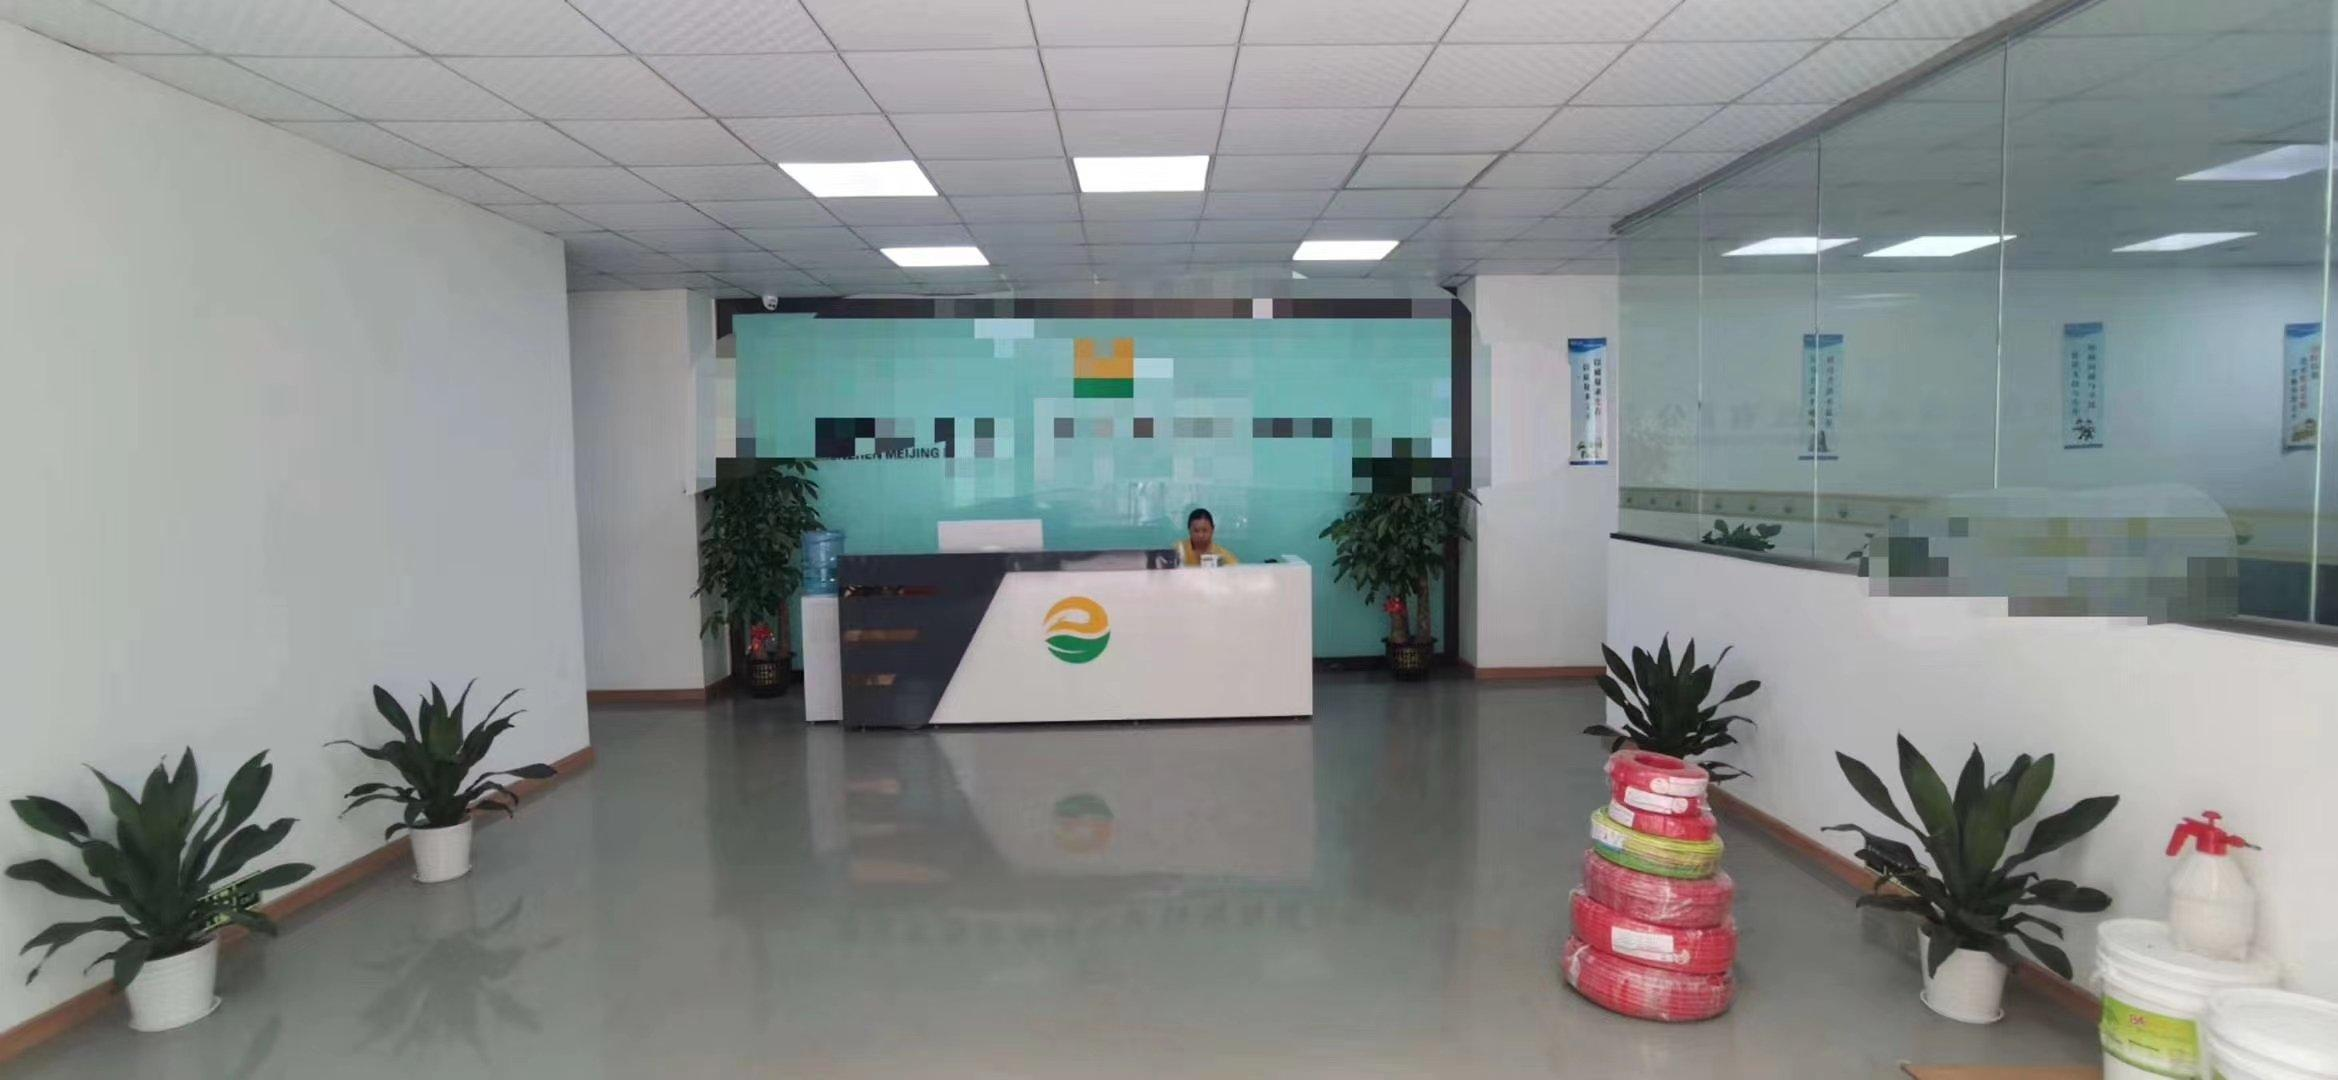 龙华大浪福龙路出口新出精装修厂房,办公室仓库720平出租。